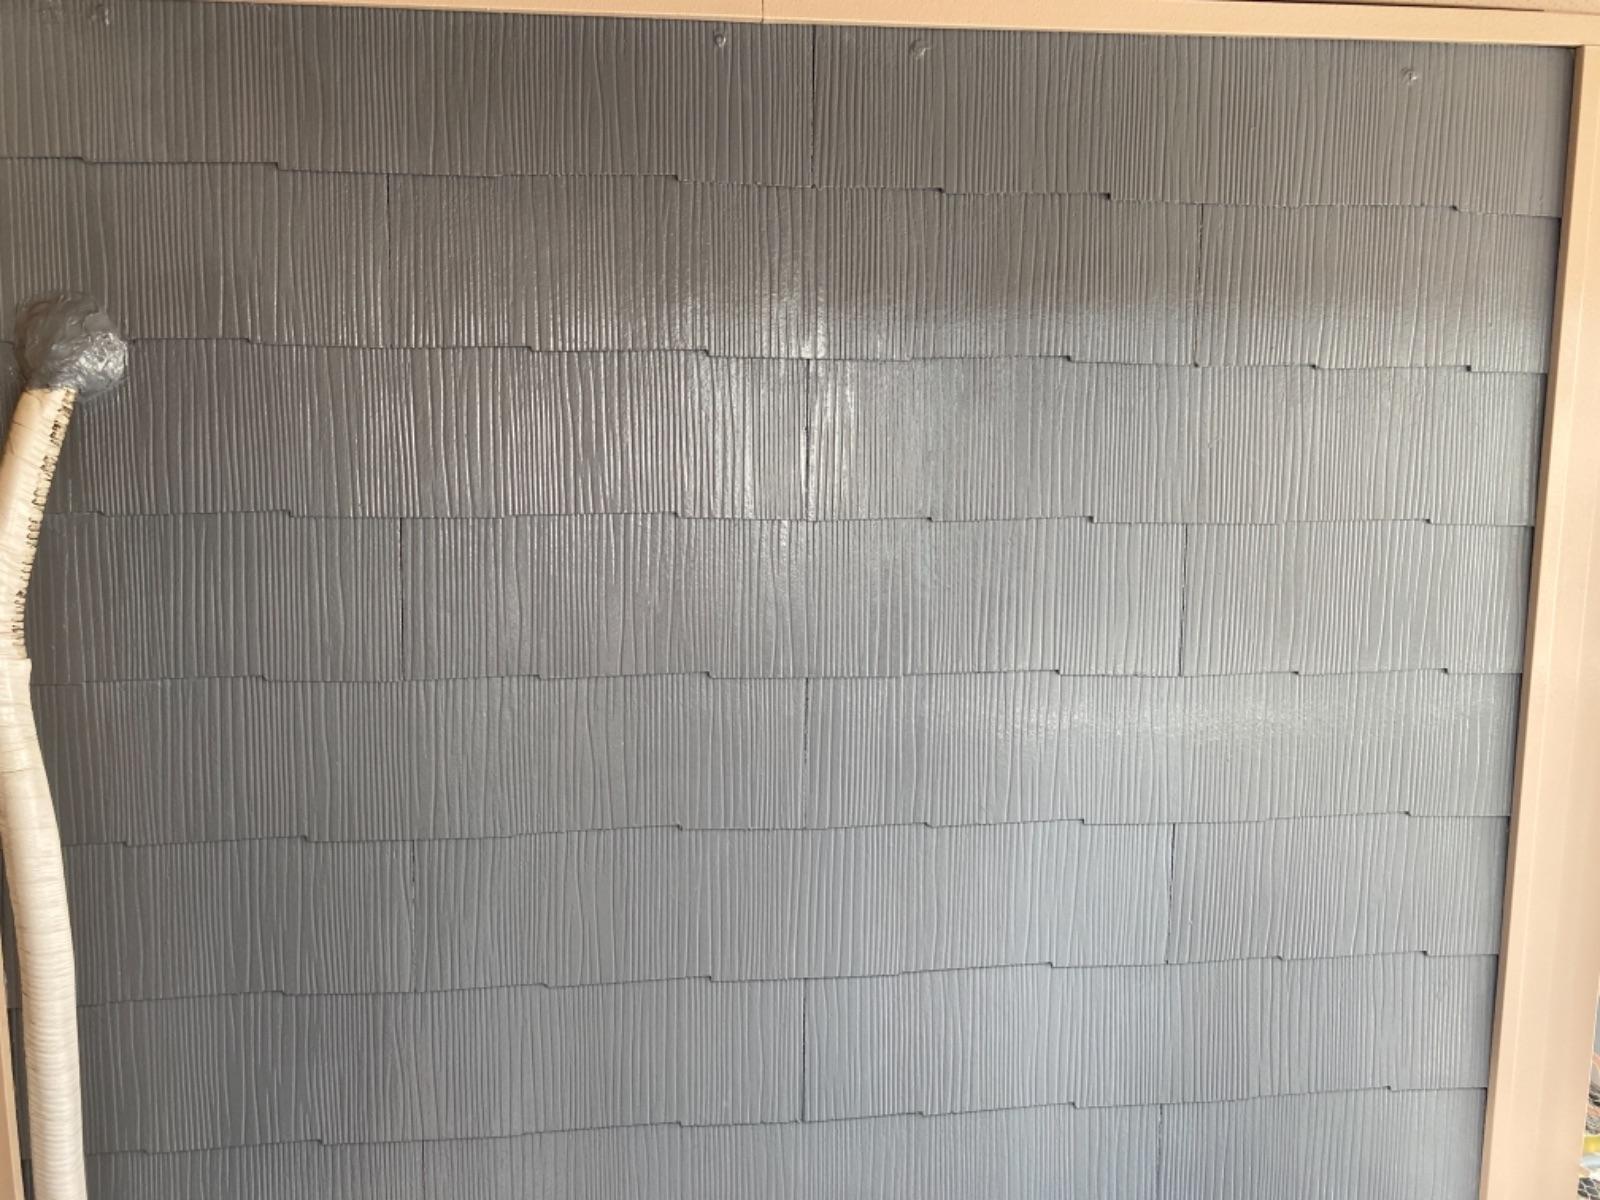 【和歌山市】T様邸 外壁・屋根塗装工事<br>『モダンに大変身♫新築のような美しさ✦』10